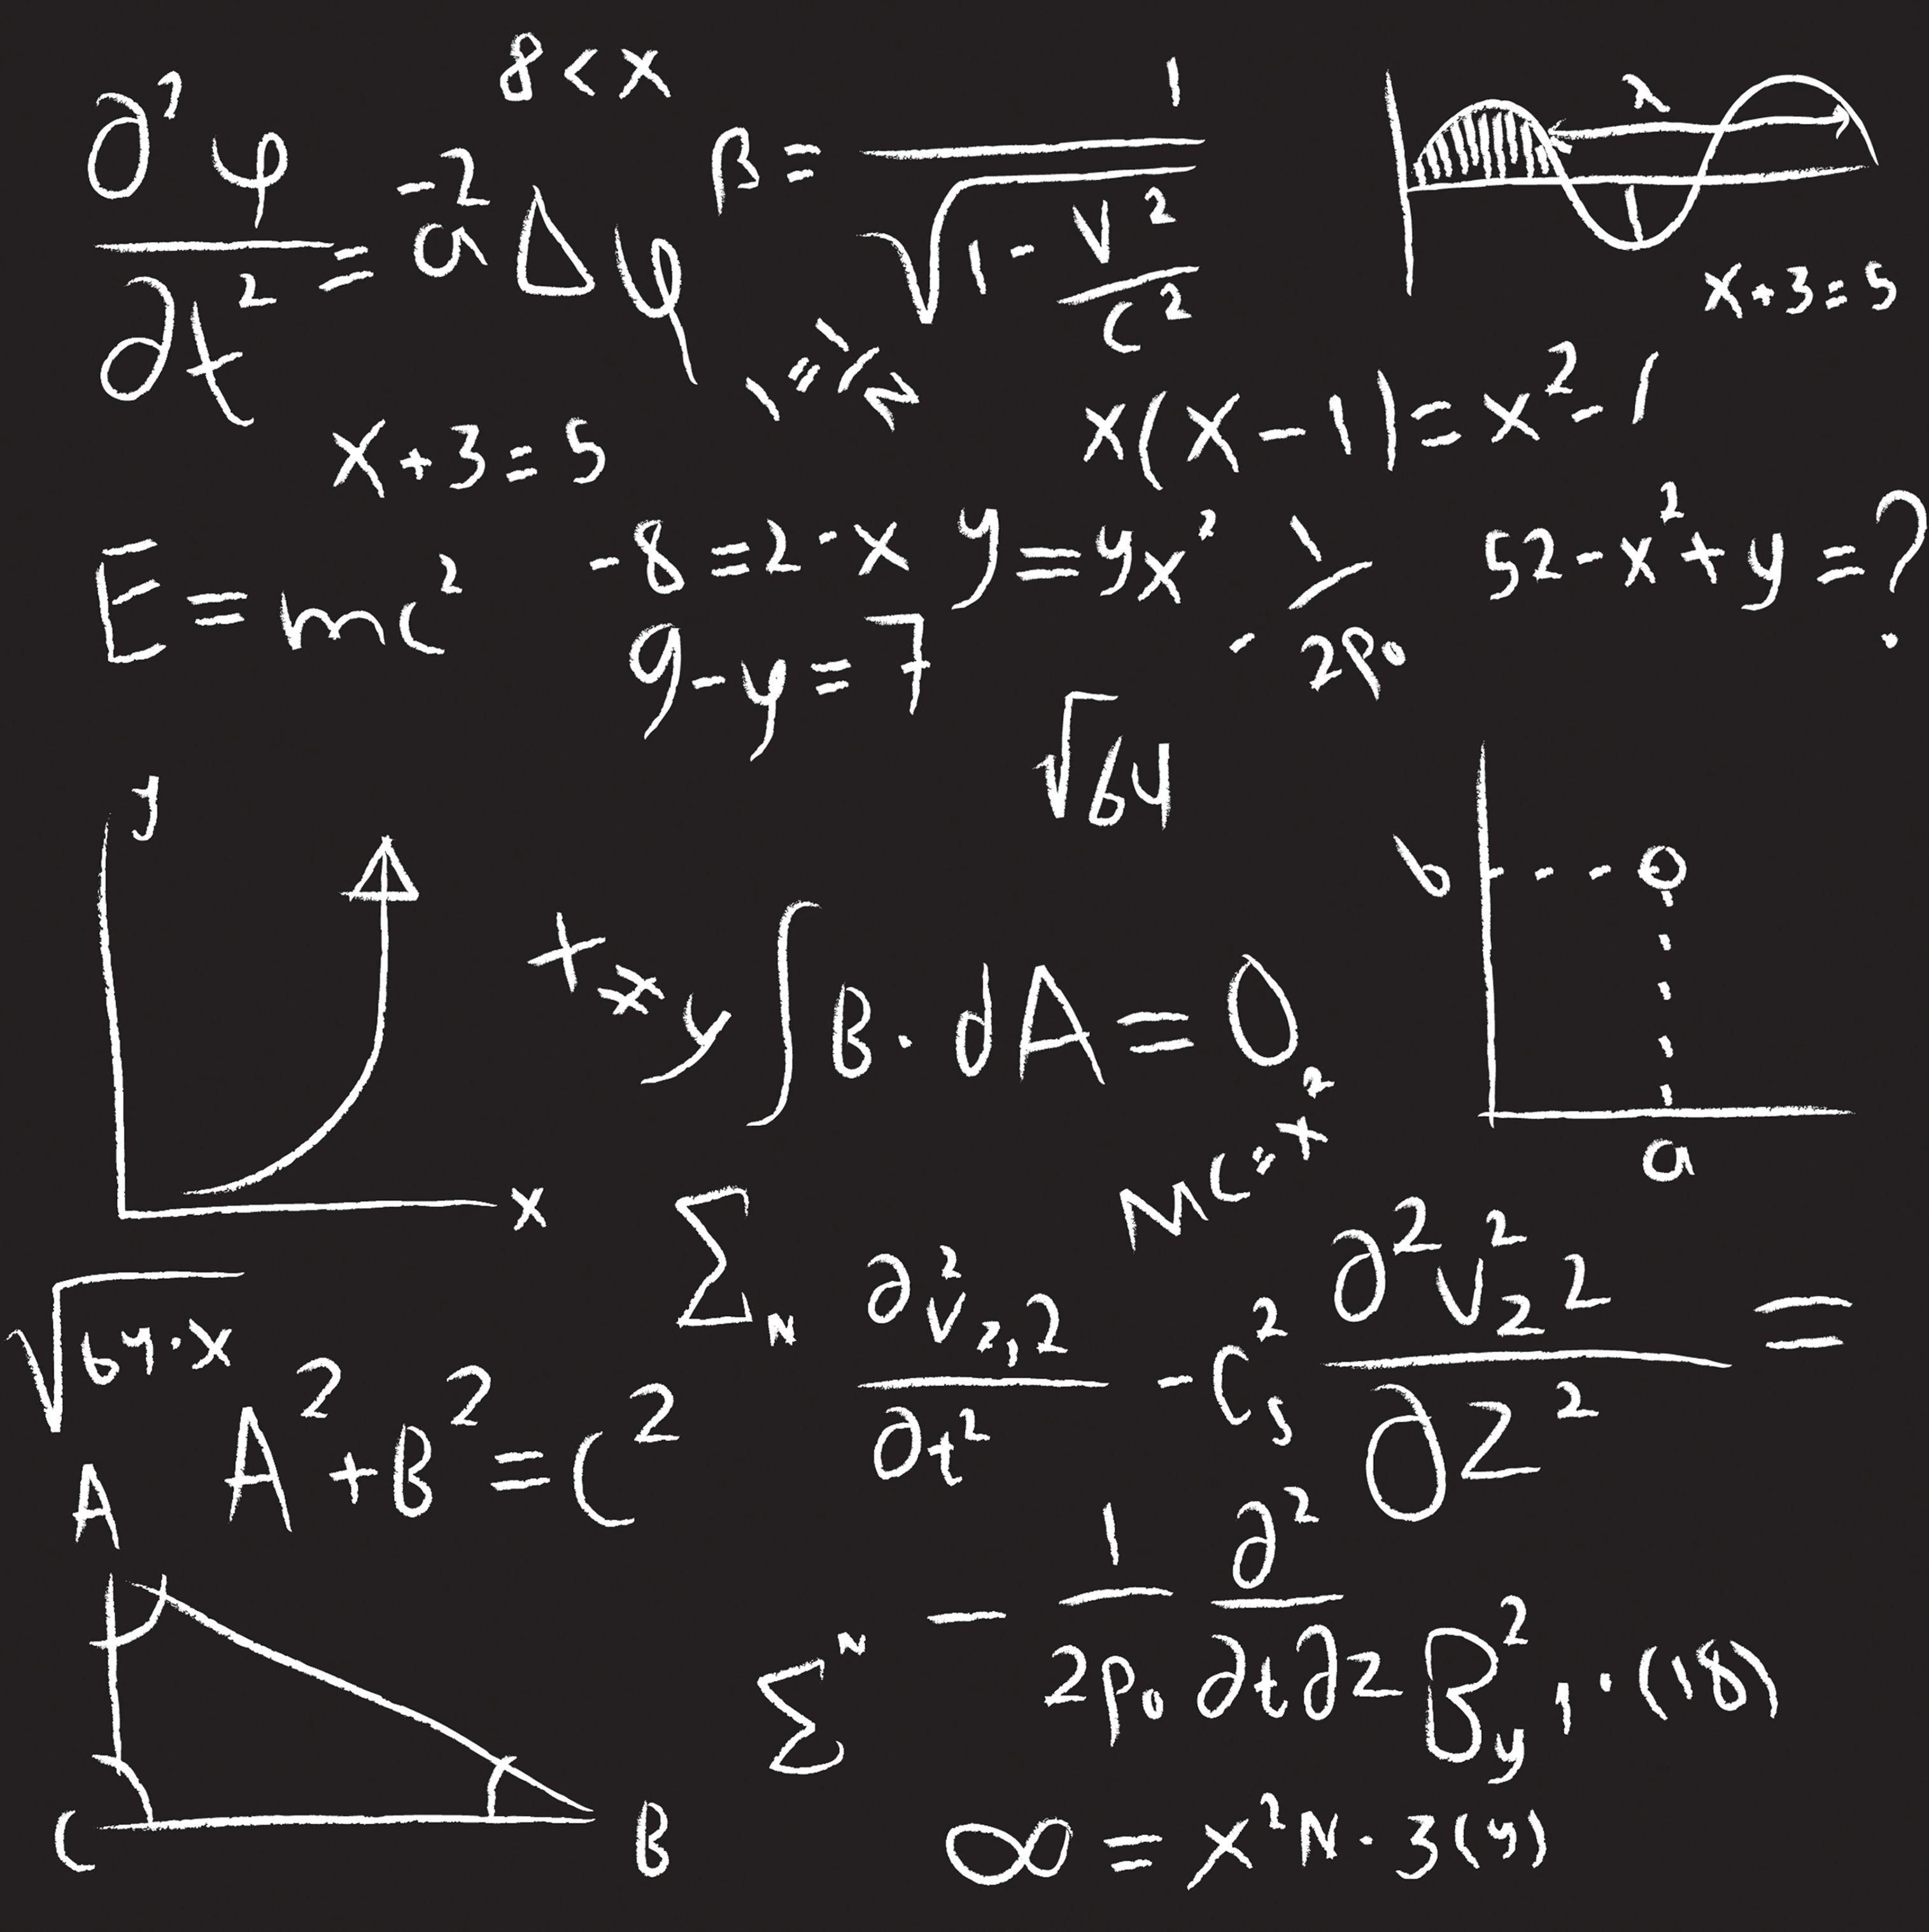 猪体重计算公式有几种